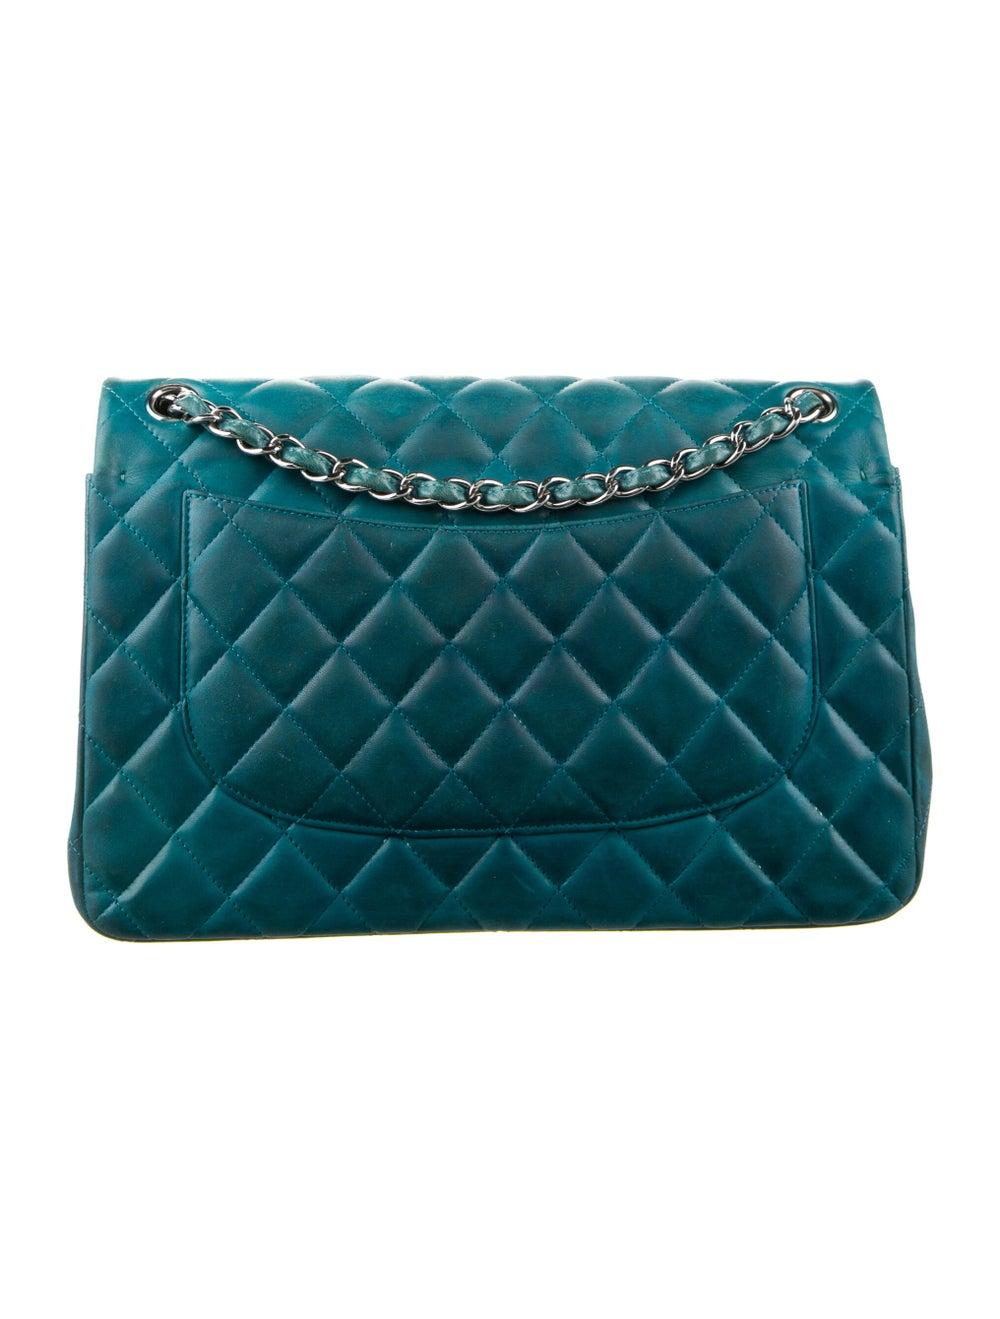 Chanel Classic Jumbo Double Flap Bag Blue - image 4